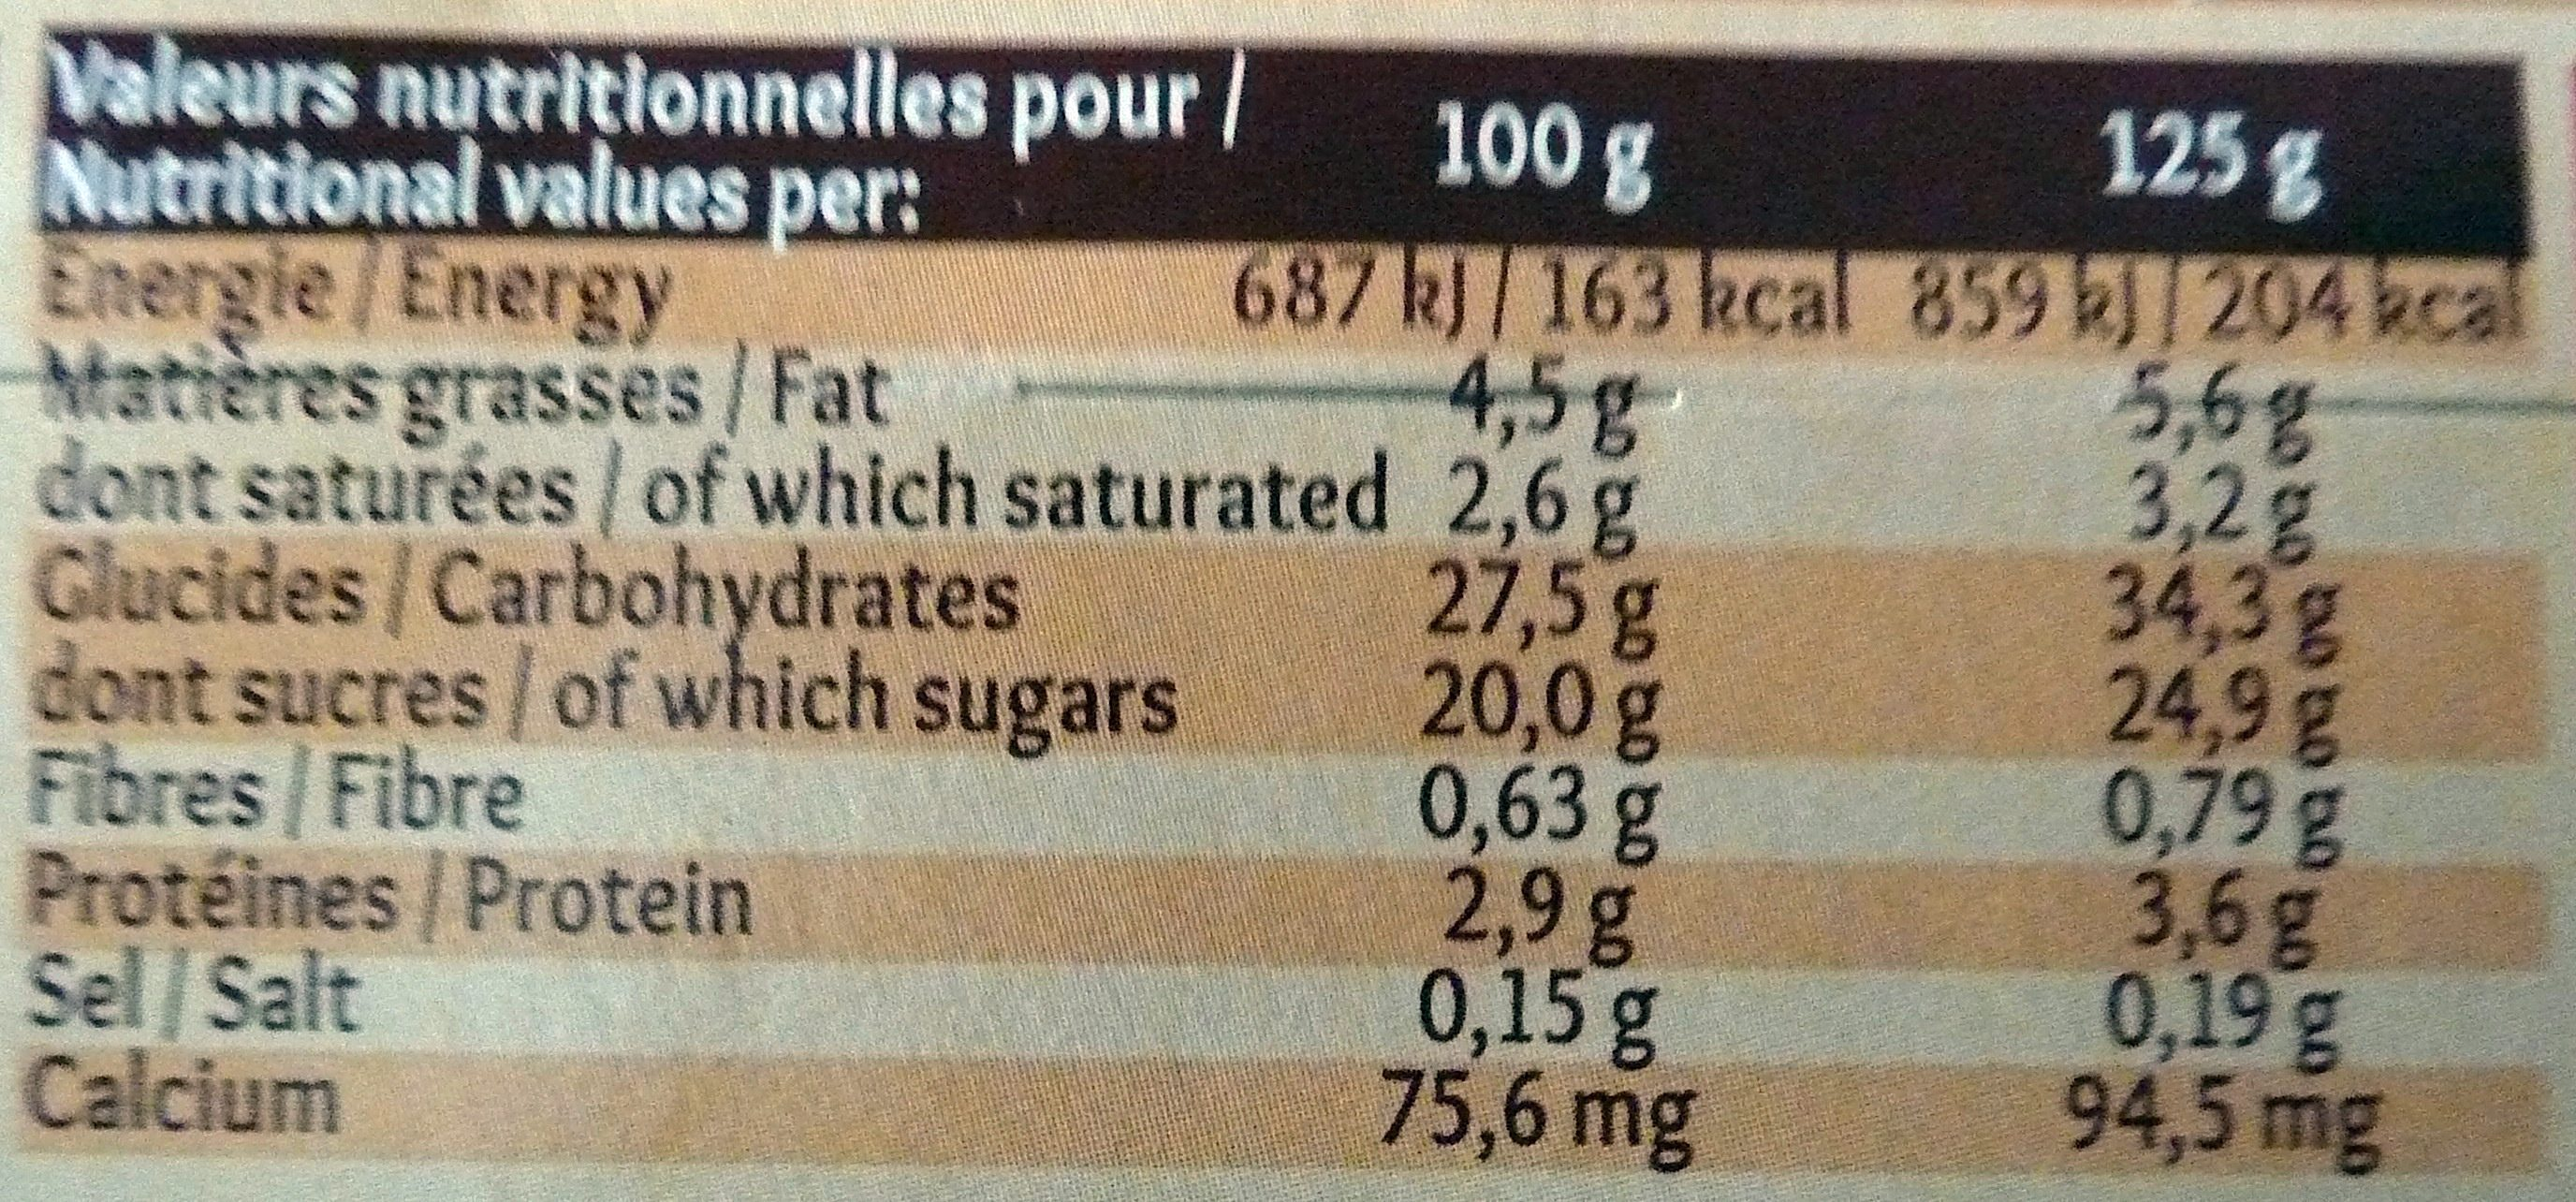 Gâteau de Riz nappage Caramel (4 pots) - Informations nutritionnelles - fr